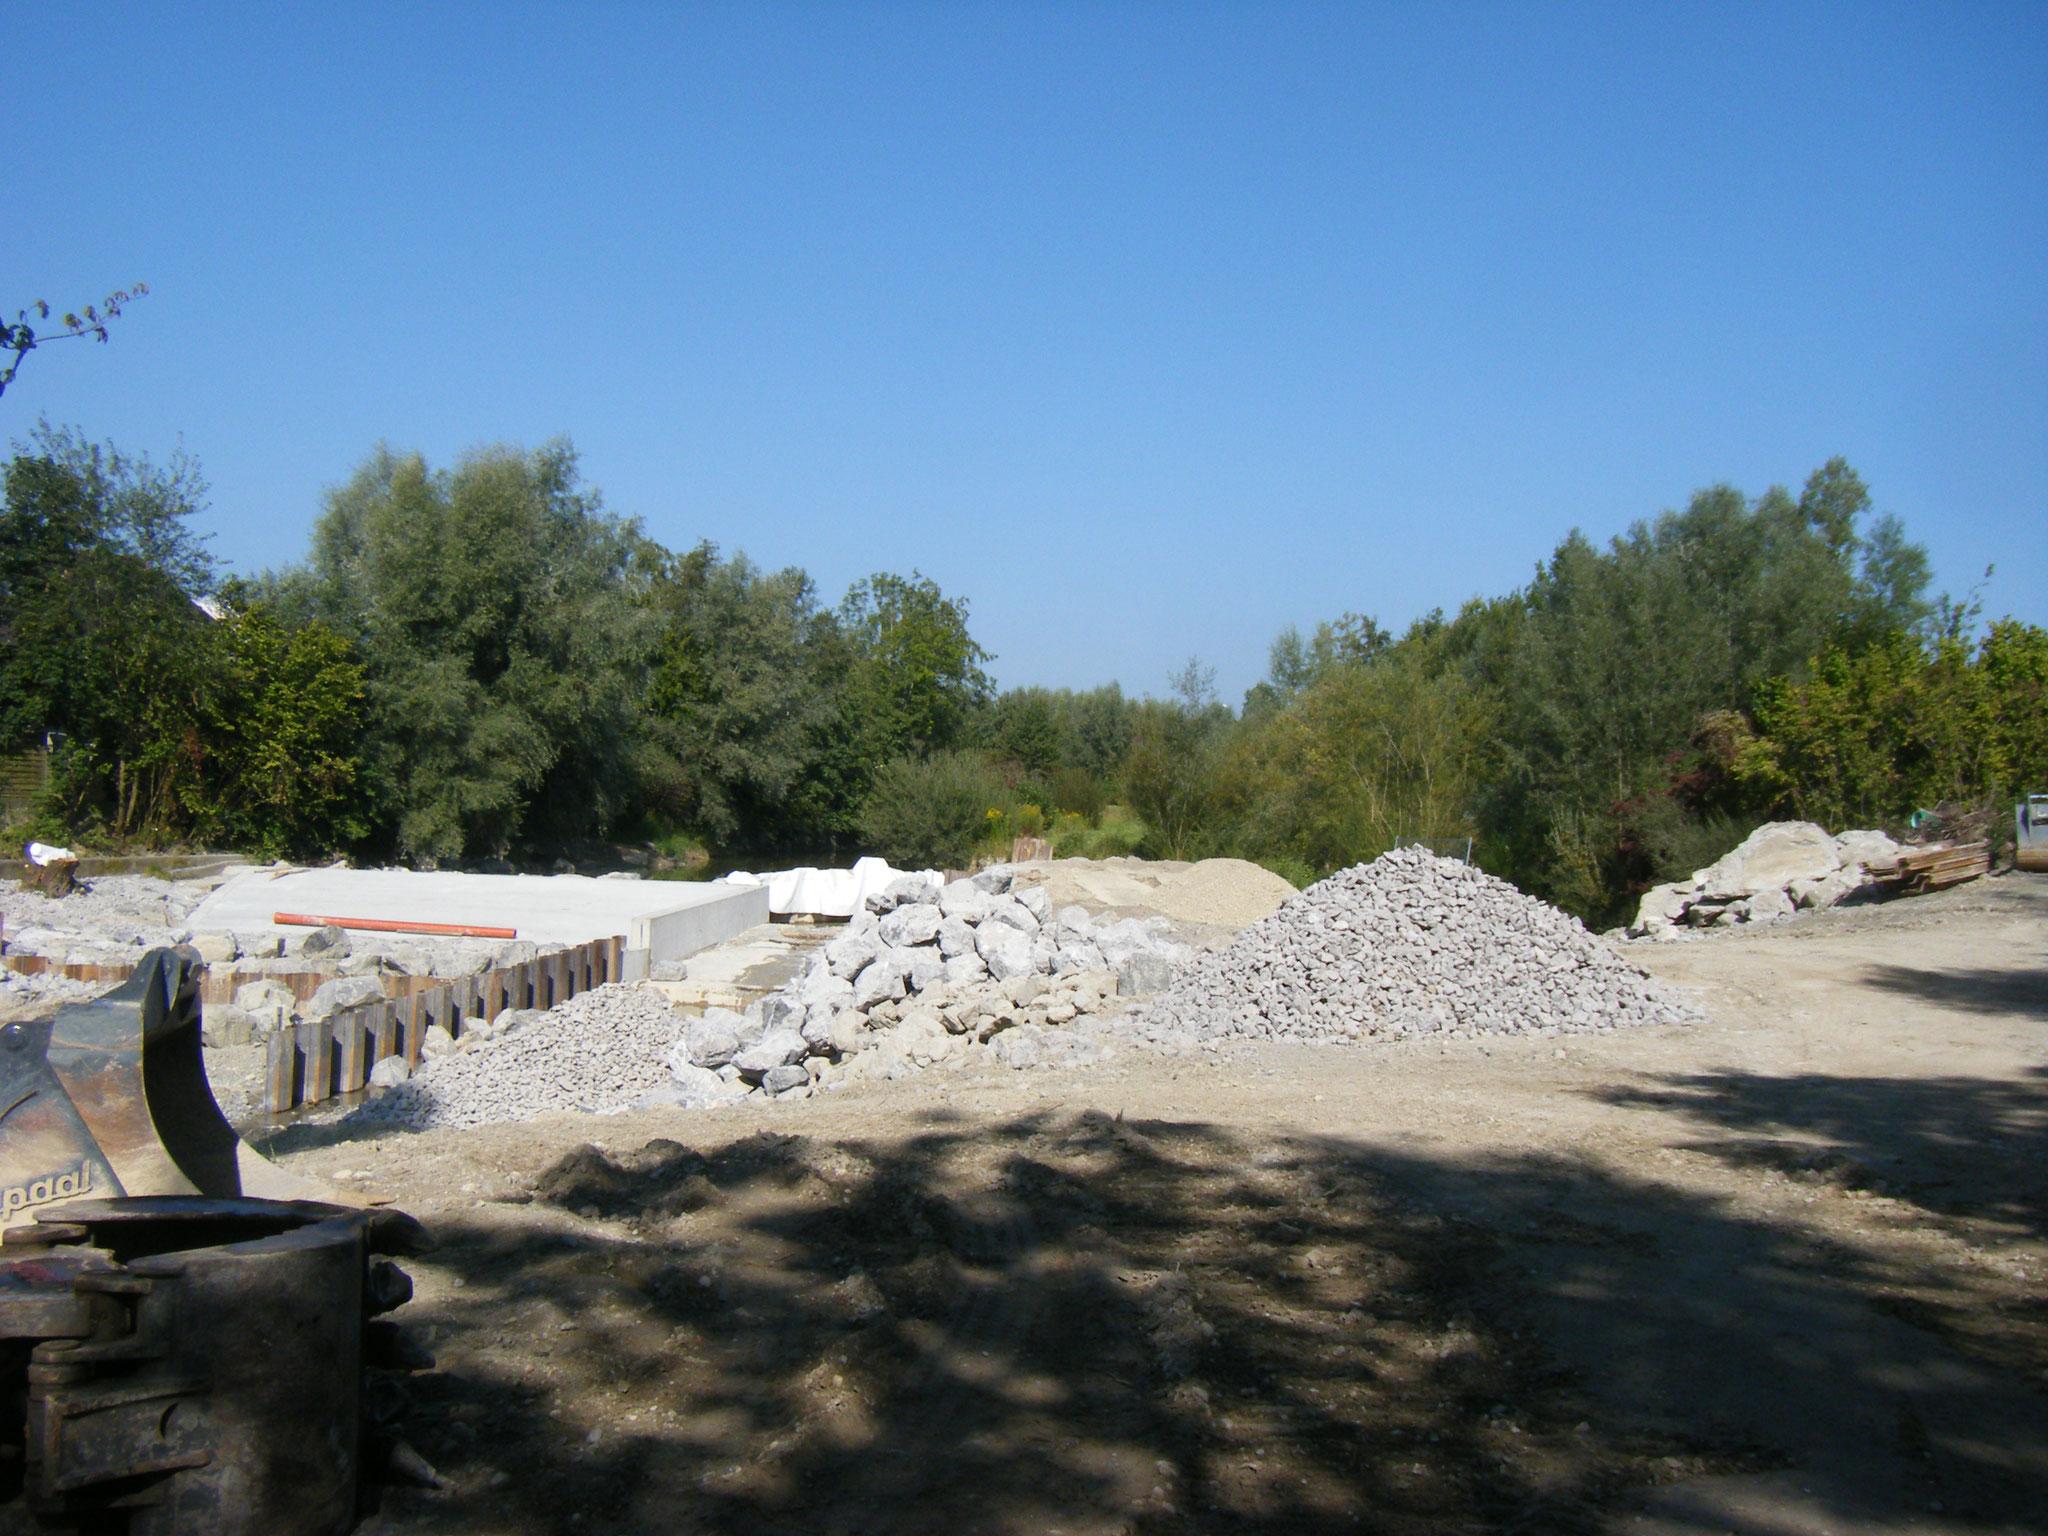 große Mengen unterschiedlich großer Steine sind angeliefert worden